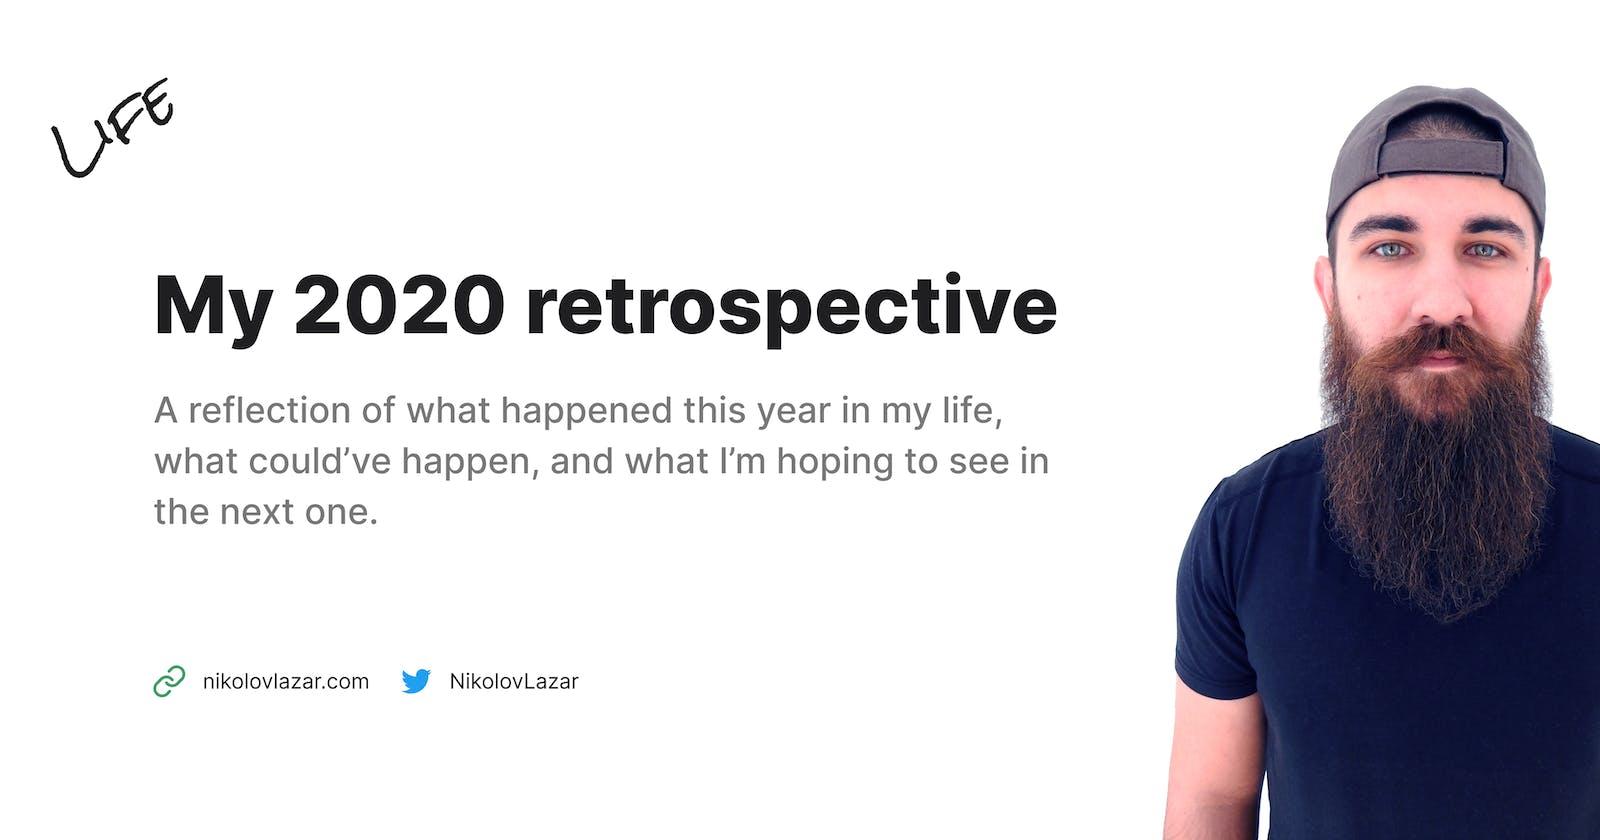 My 2020 retrospective